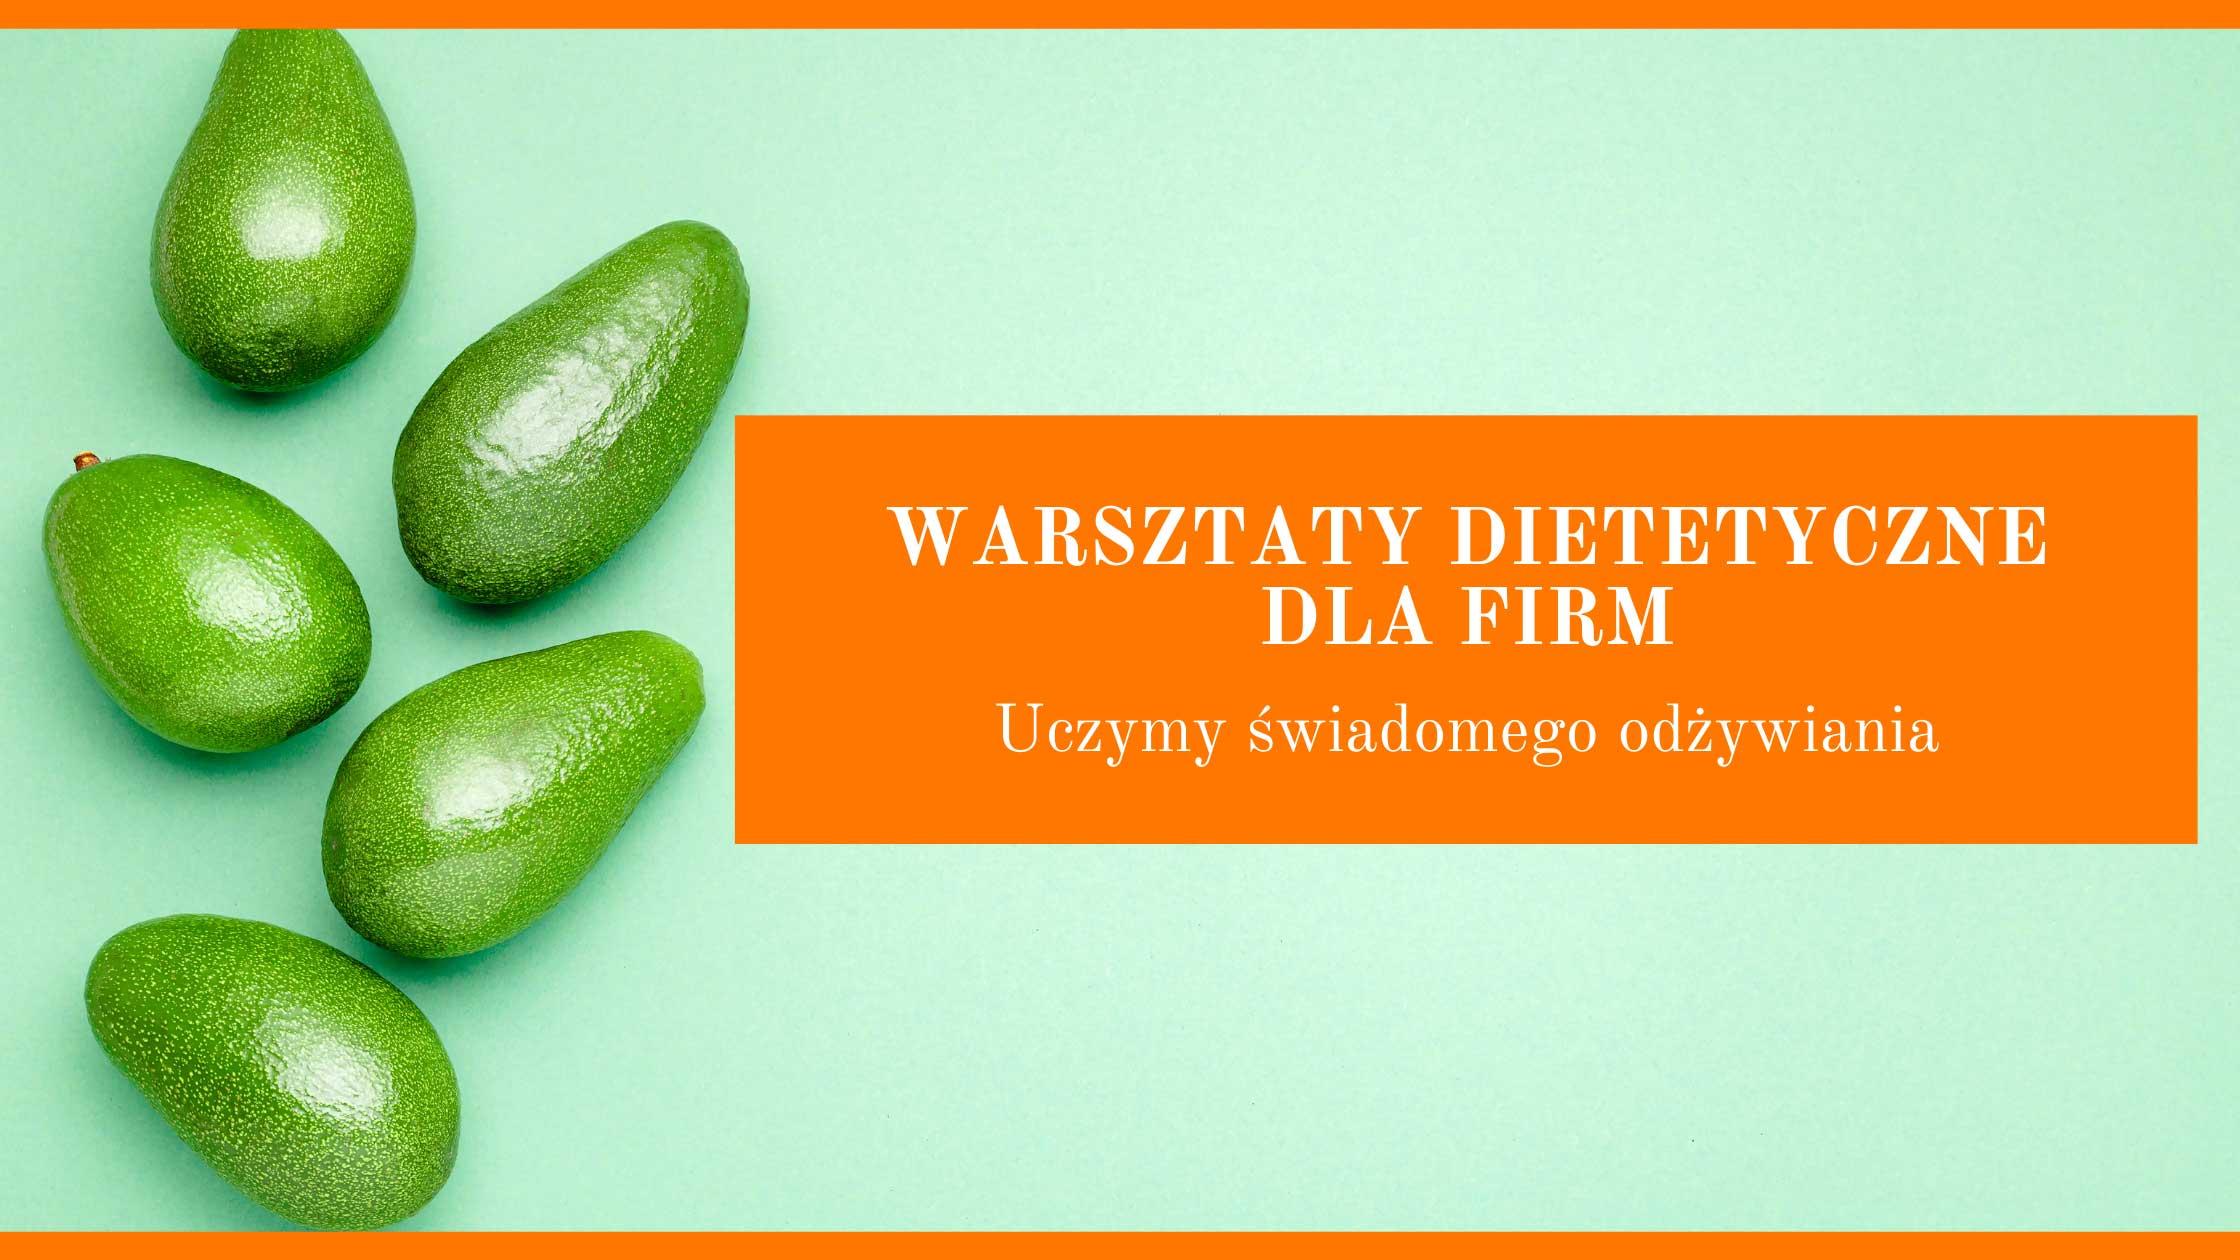 warsztaty-dietetyczne dla firm